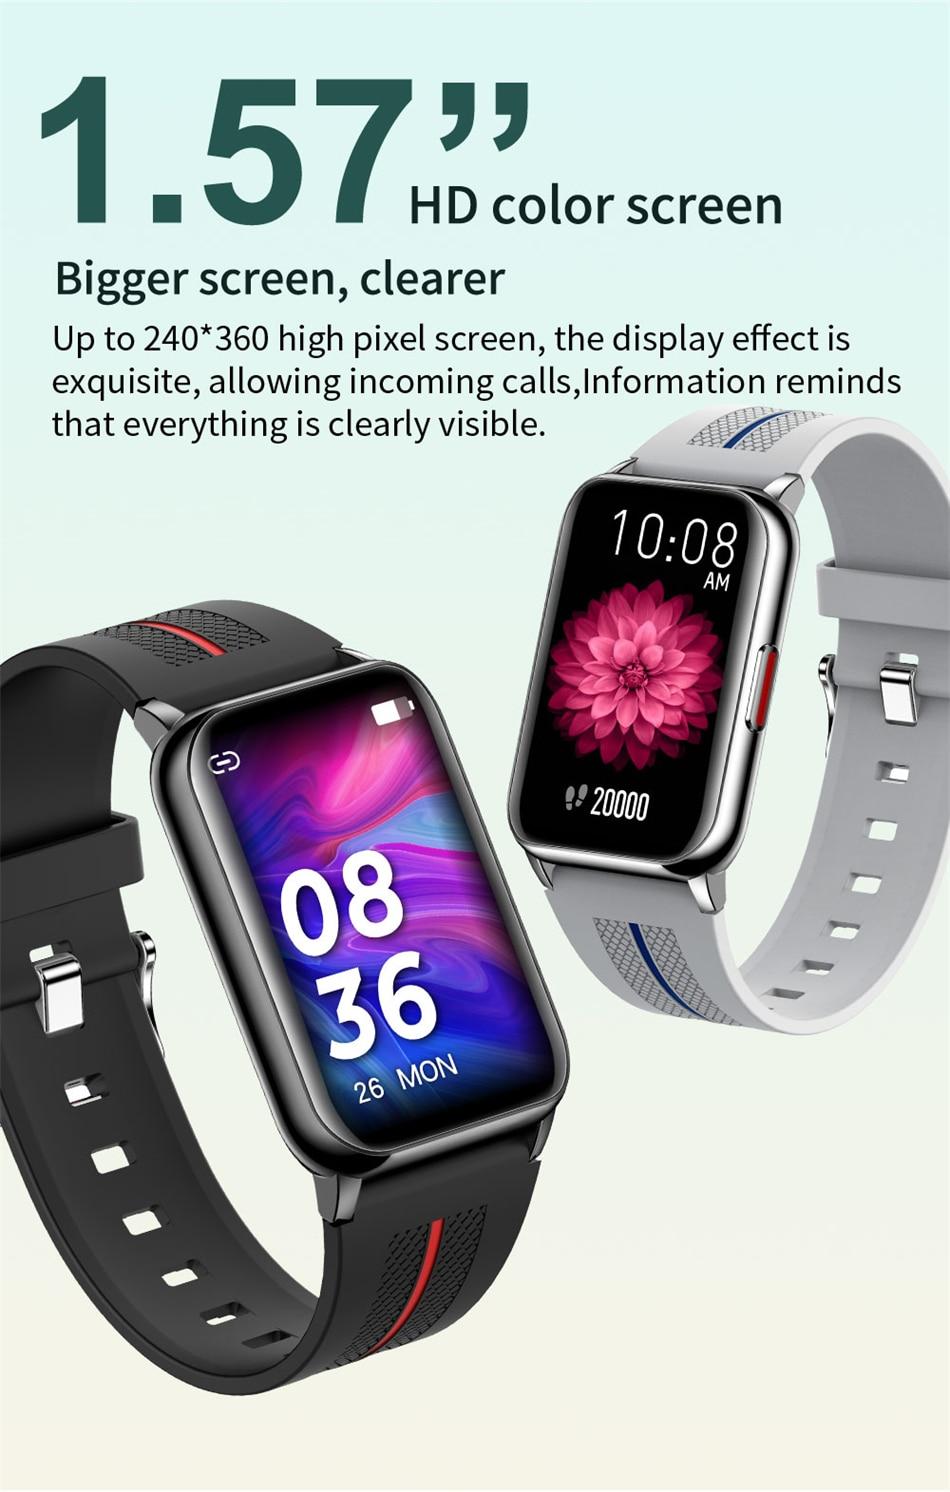 Hce65c714f67544619a2a8aef1ce90e05H New Smart Band Watch Fitness Tracker Bracelet Waterproof Smartwatch Heart Rate Monitor Blood Oxygen LED Screen For Huawei Xiaomi